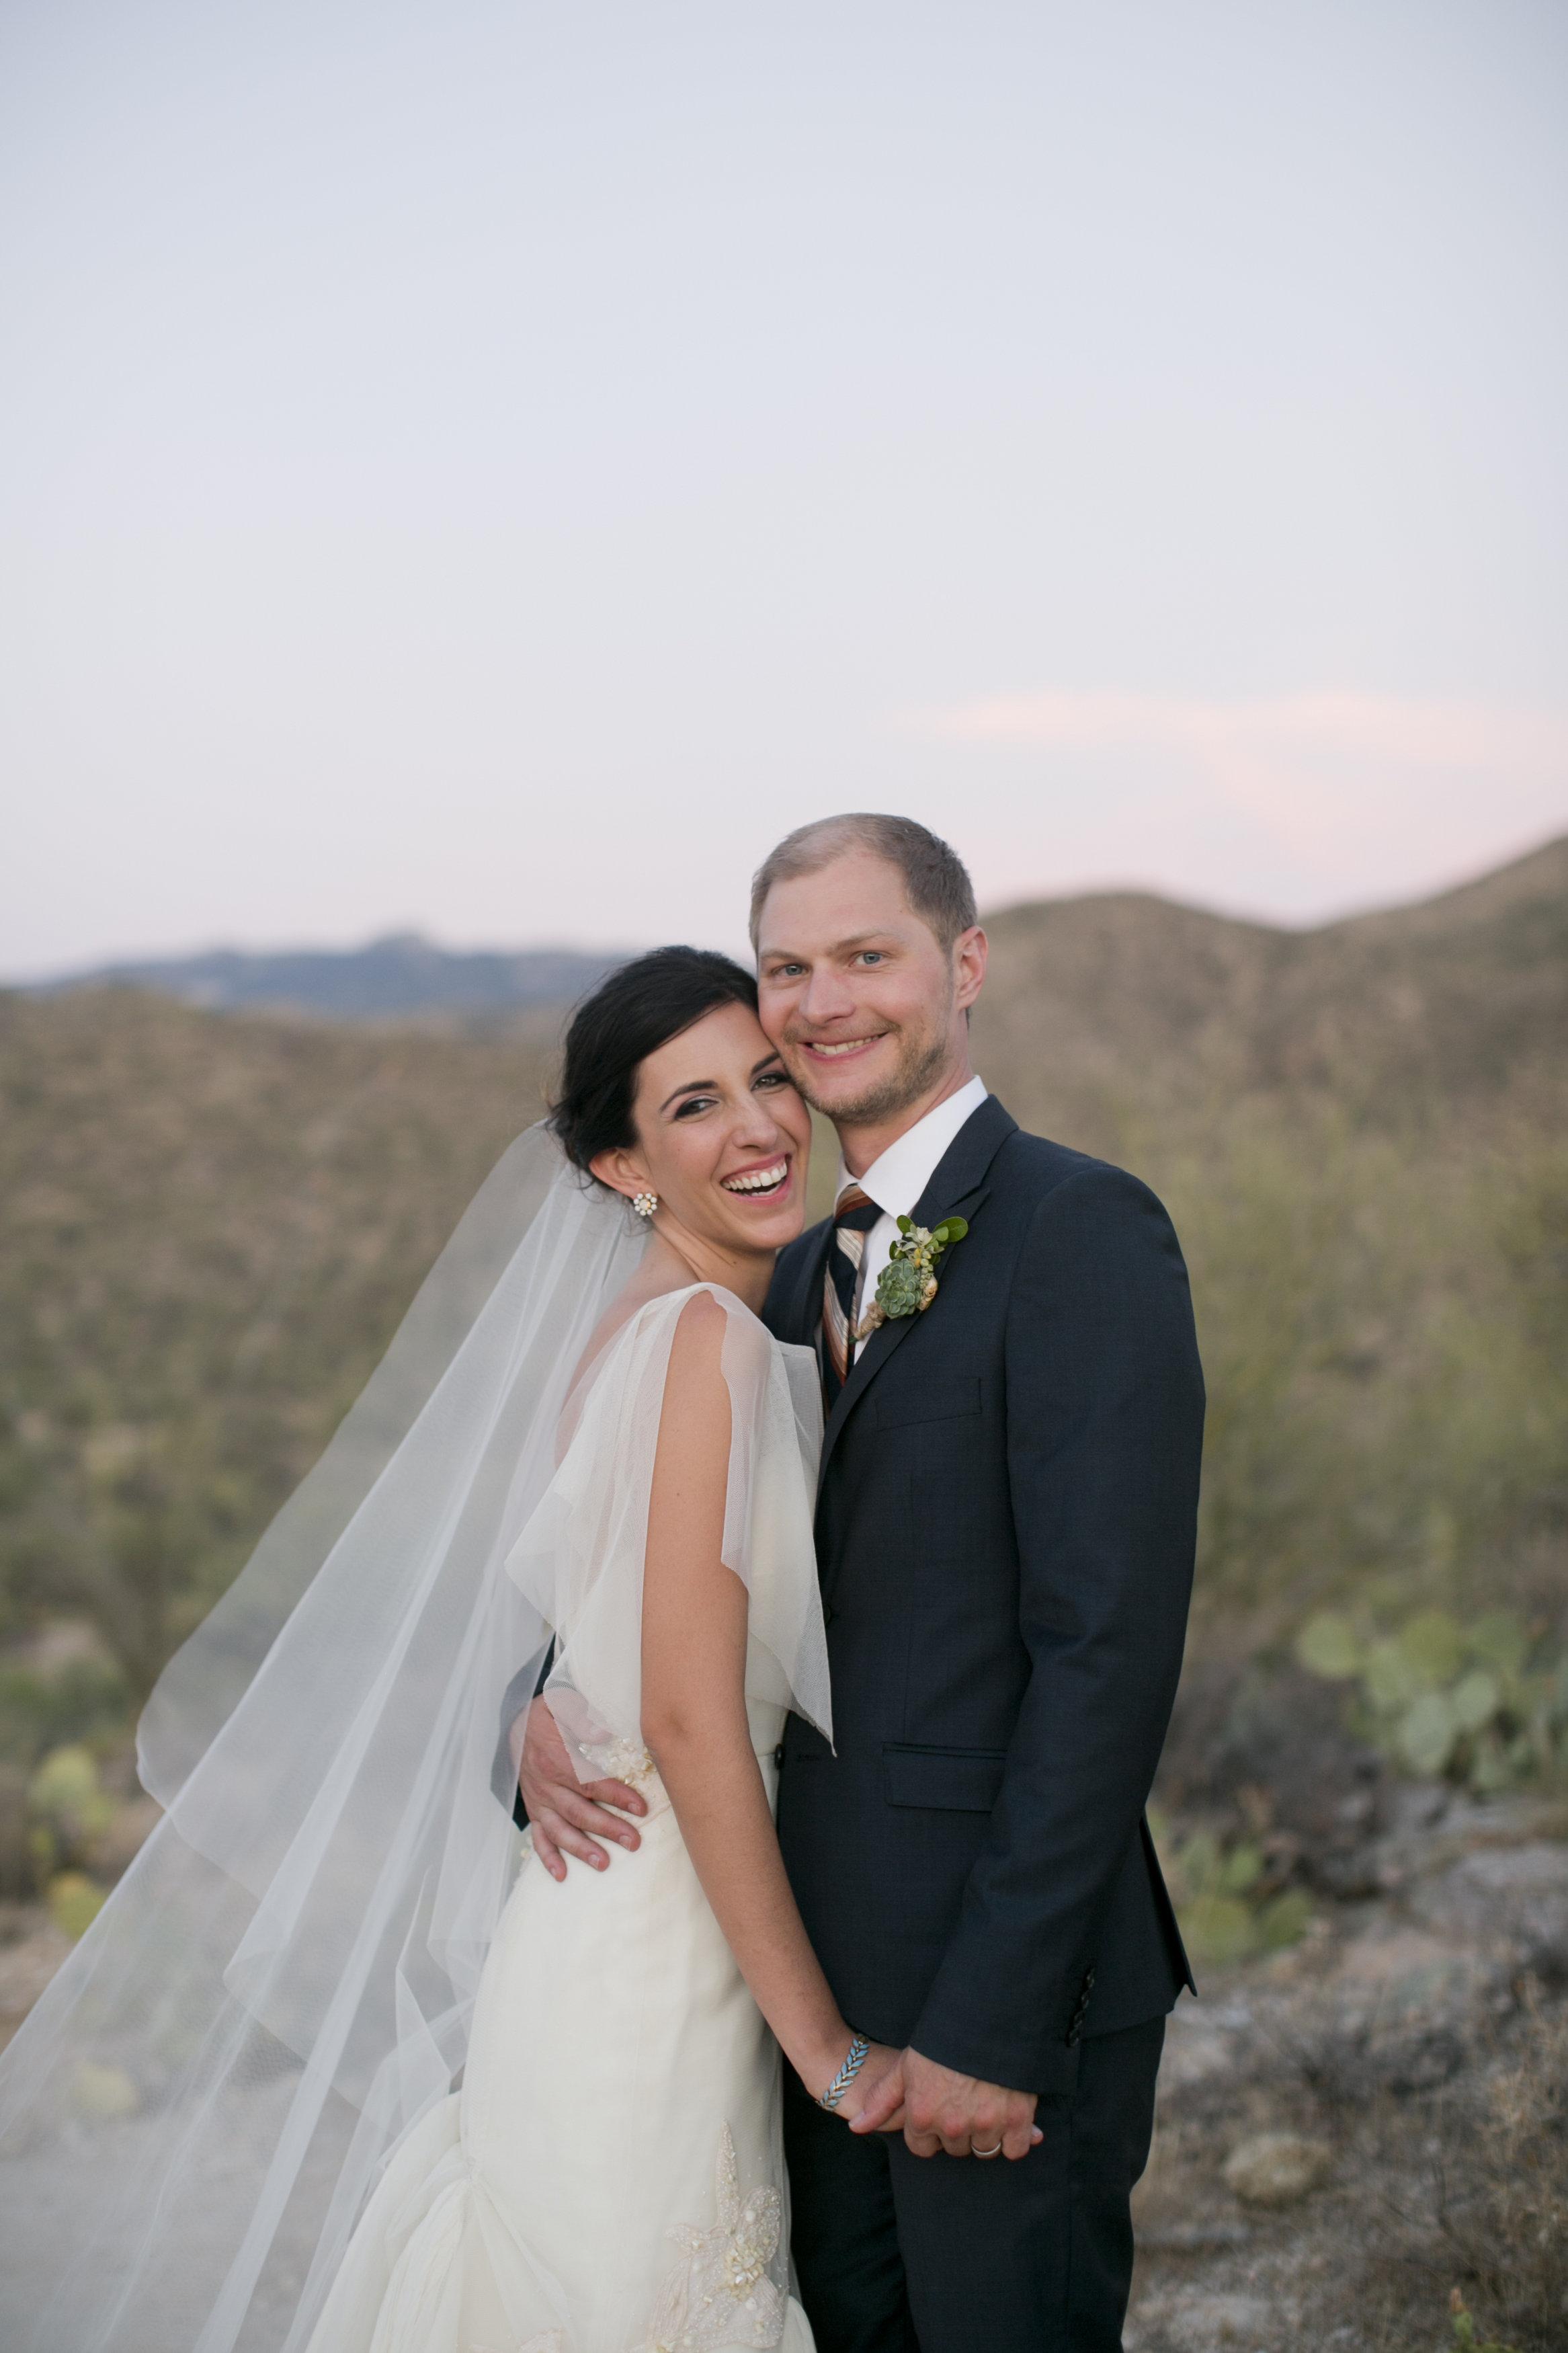 Ceci_New_York_Ceci_Style_Ceci_Johnson_Luxury_Lifestyle_Arizona_Wedding_Watercolor_Inspiration_Design_Custom_Couture_Personalized_Invitations_169.jpg